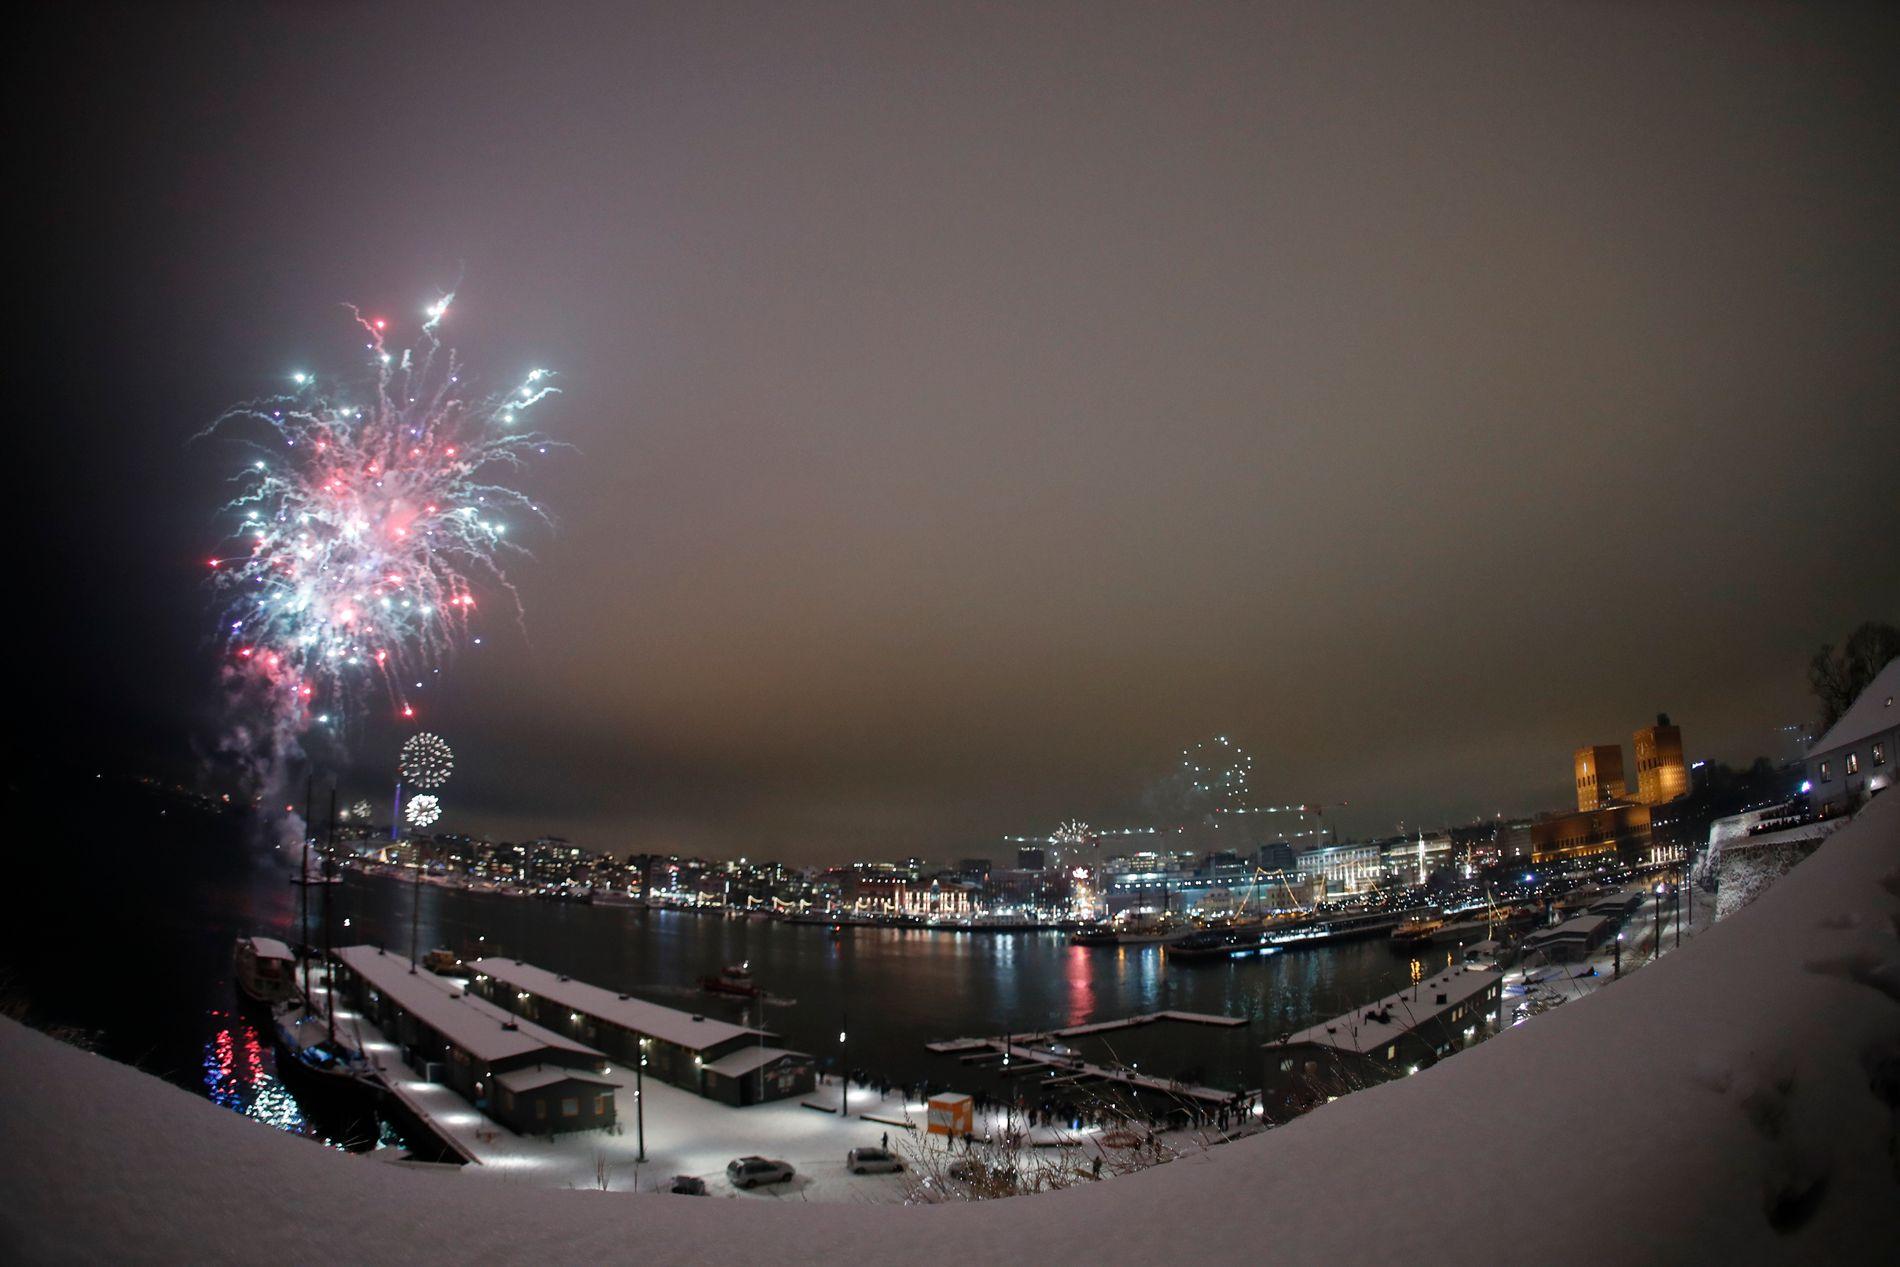 VINDKAST: Nyttårsaften kan kraftige vindkast gi problemer for avviklingen av fyrverkeri. Her fra Oslo 1. januar i år.